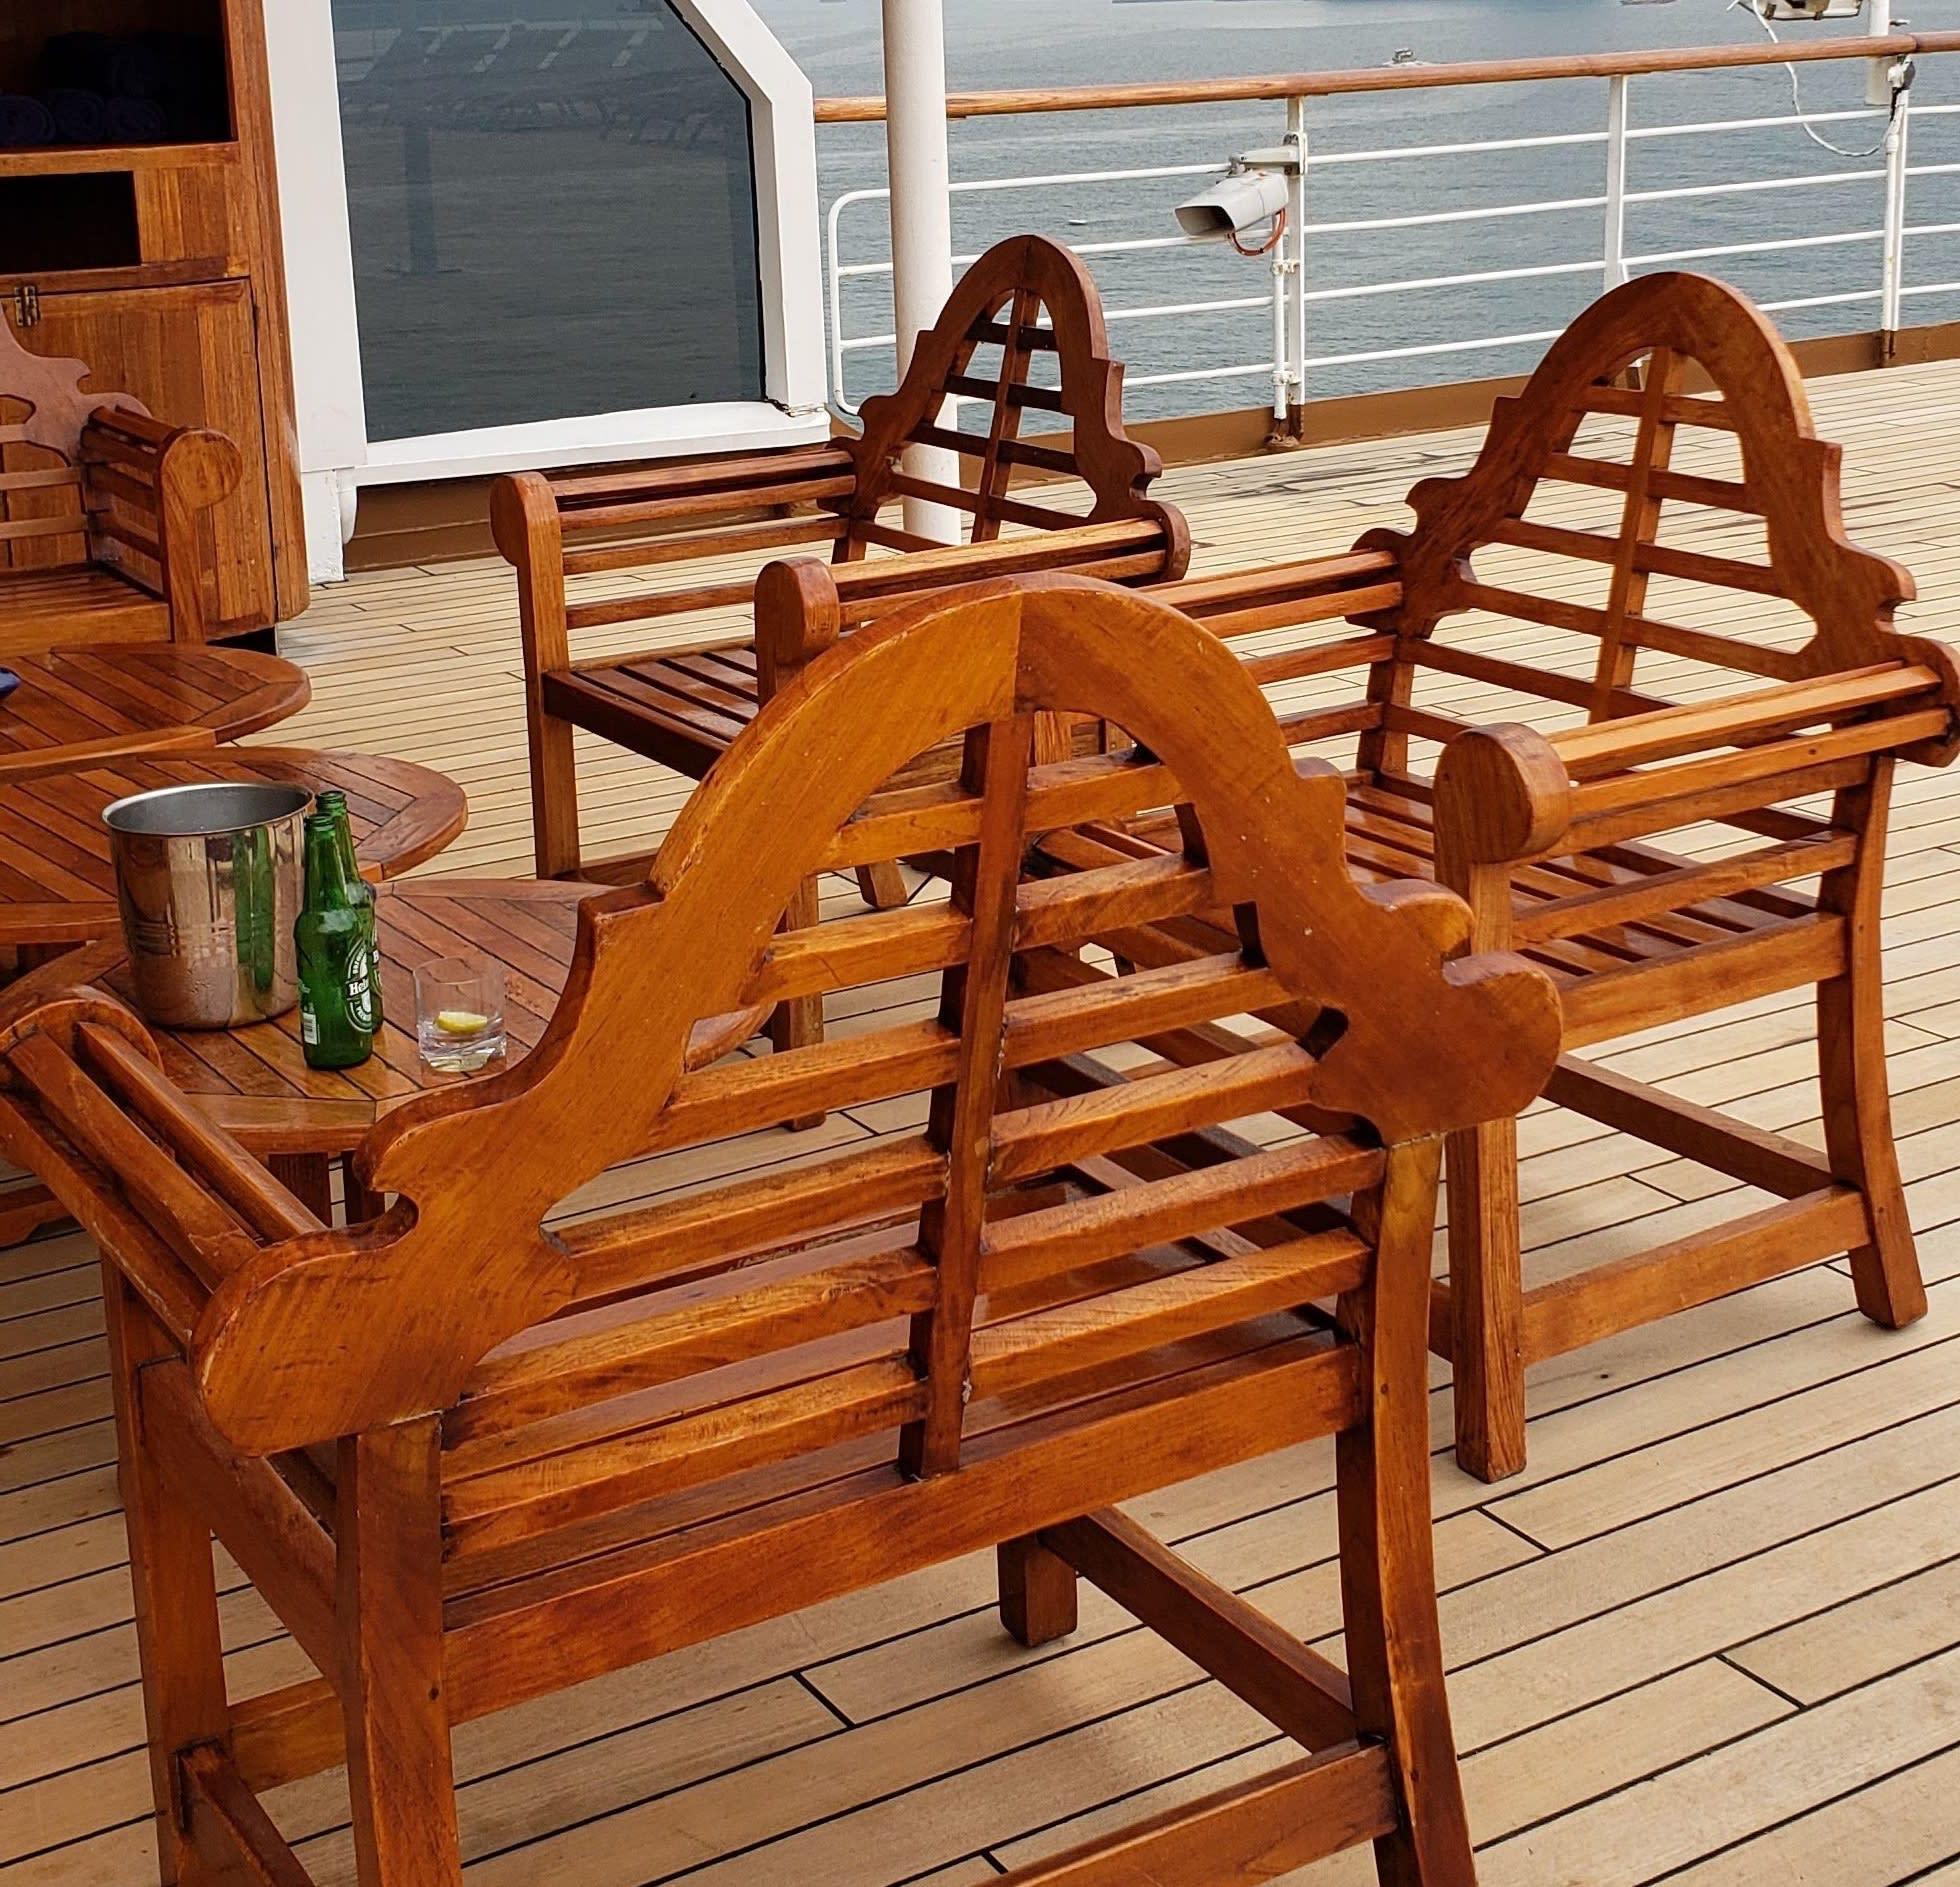 ホーランドアメリカ―MSウェステルダム乗船記 船内紹介編(1)懐かしさと現代、意外とハイテクなクルーズ船